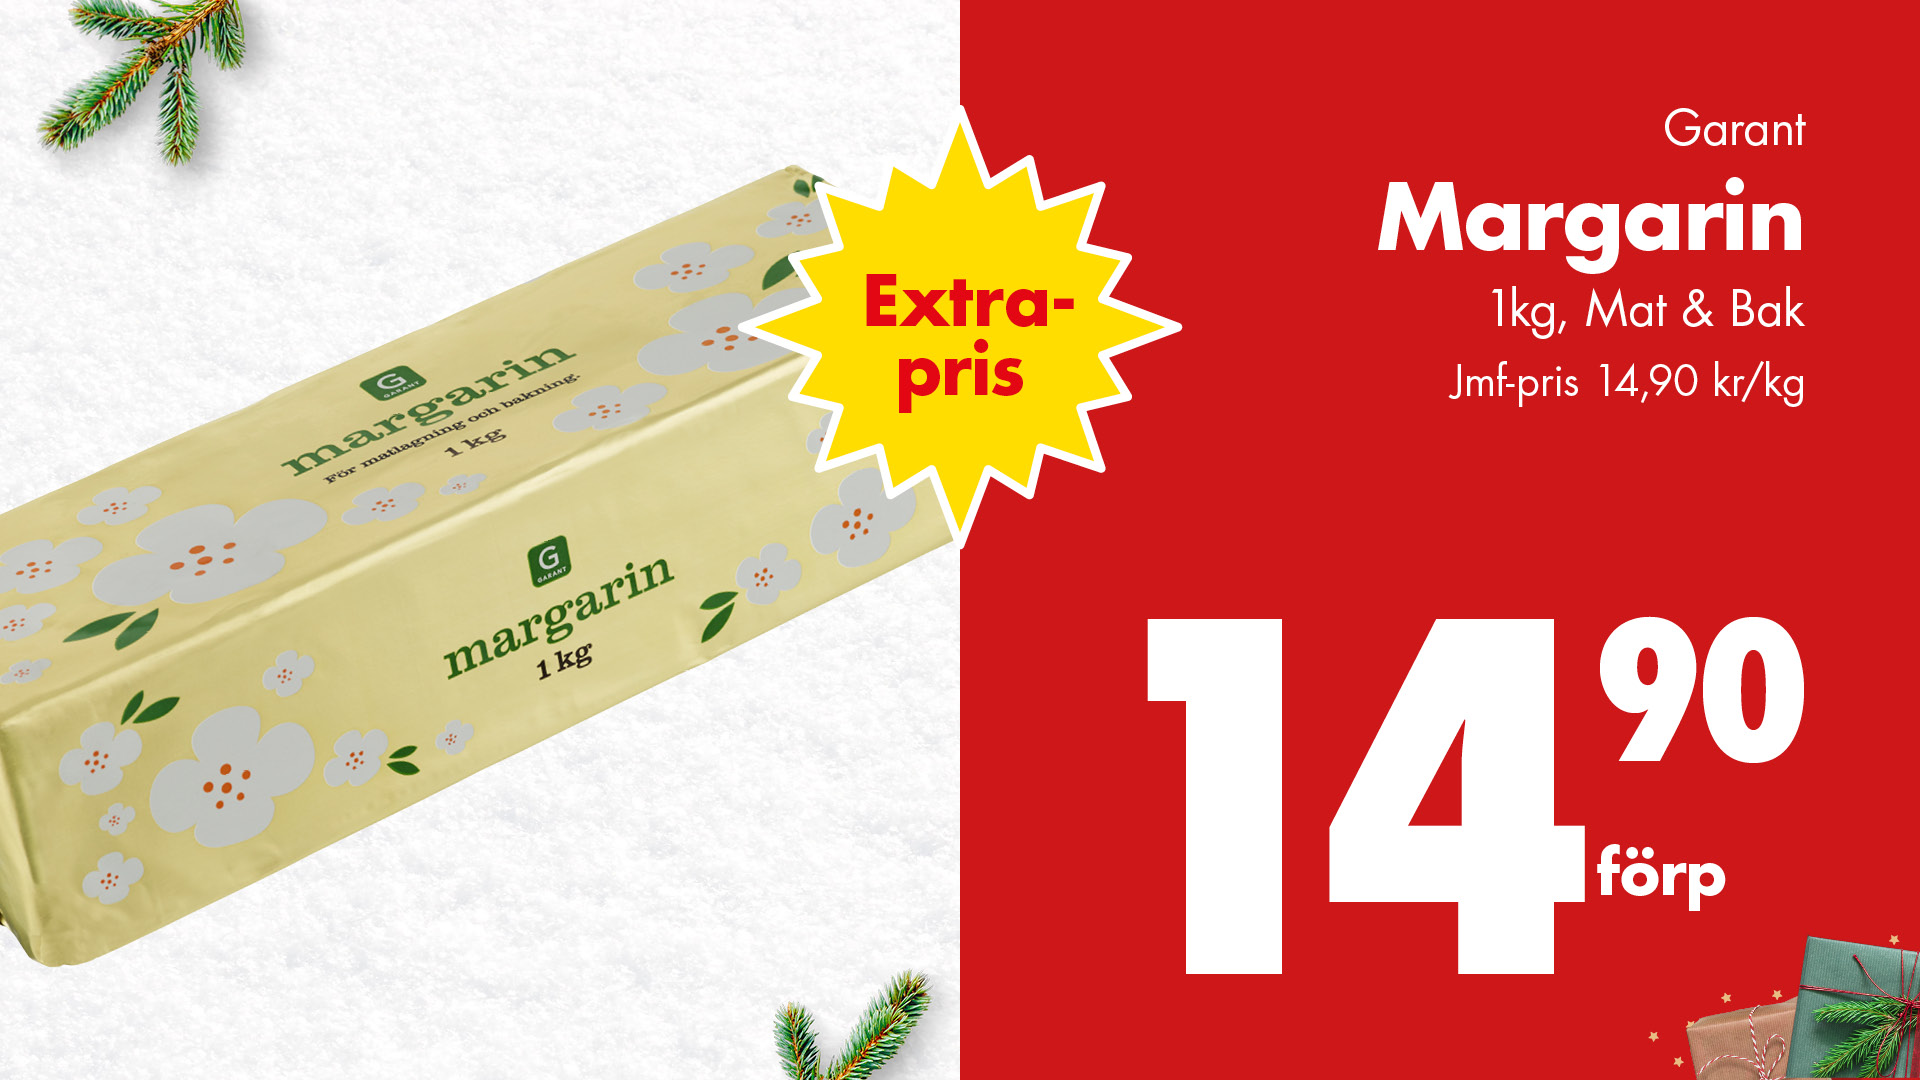 v46-47_1920x1080px_margarin